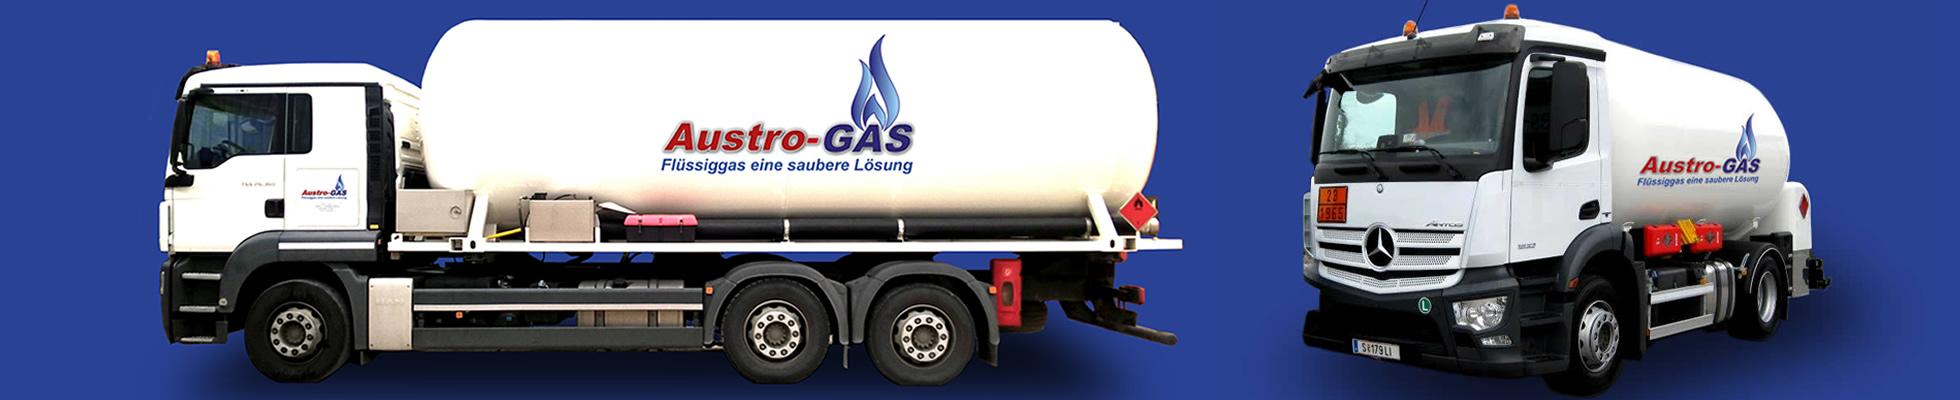 Tankfahrzeuge der Firma Austro-Gas. Austro-GAs liefert Flüssiggas